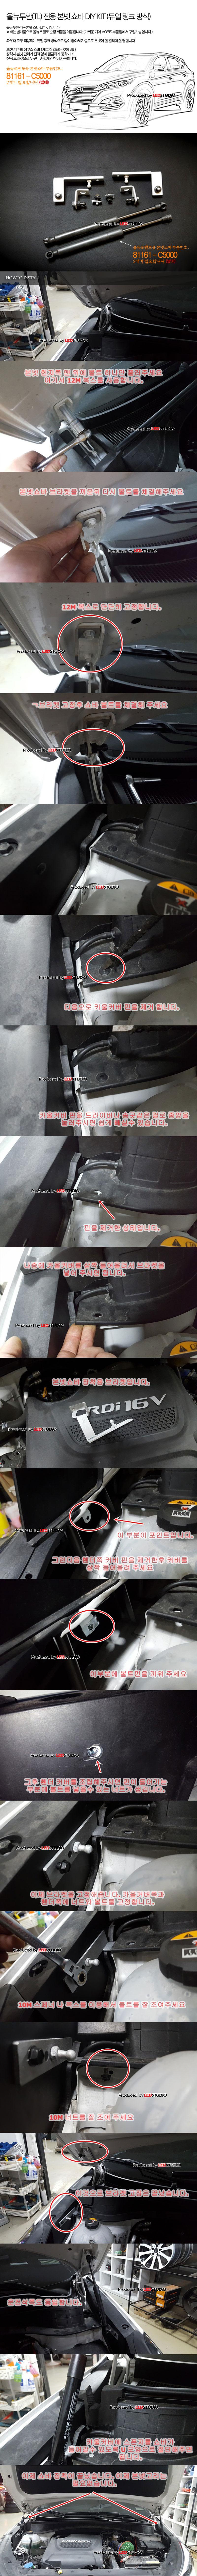 올뉴투싼(TL) 전용 본넷 쇼바 DIY KIT (듀얼 링크 방식/차체손상없는 볼트온 방식)